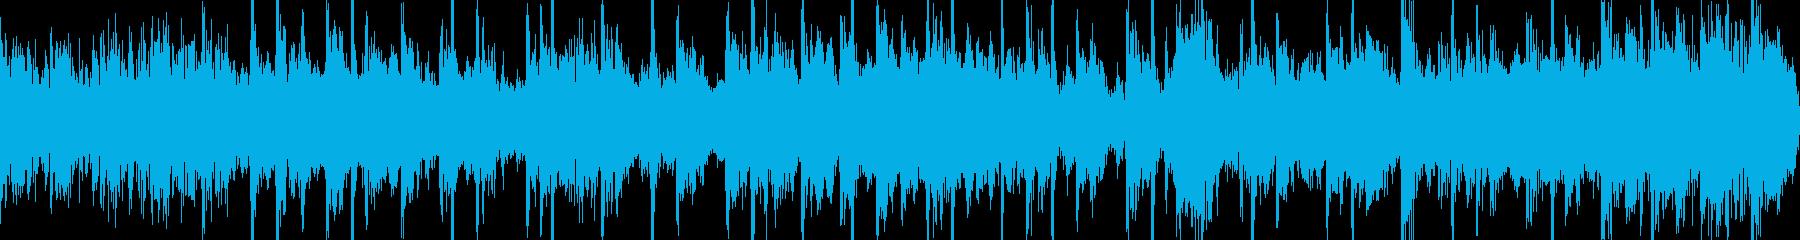 ファンキーで軽快なシンセジングルループの再生済みの波形